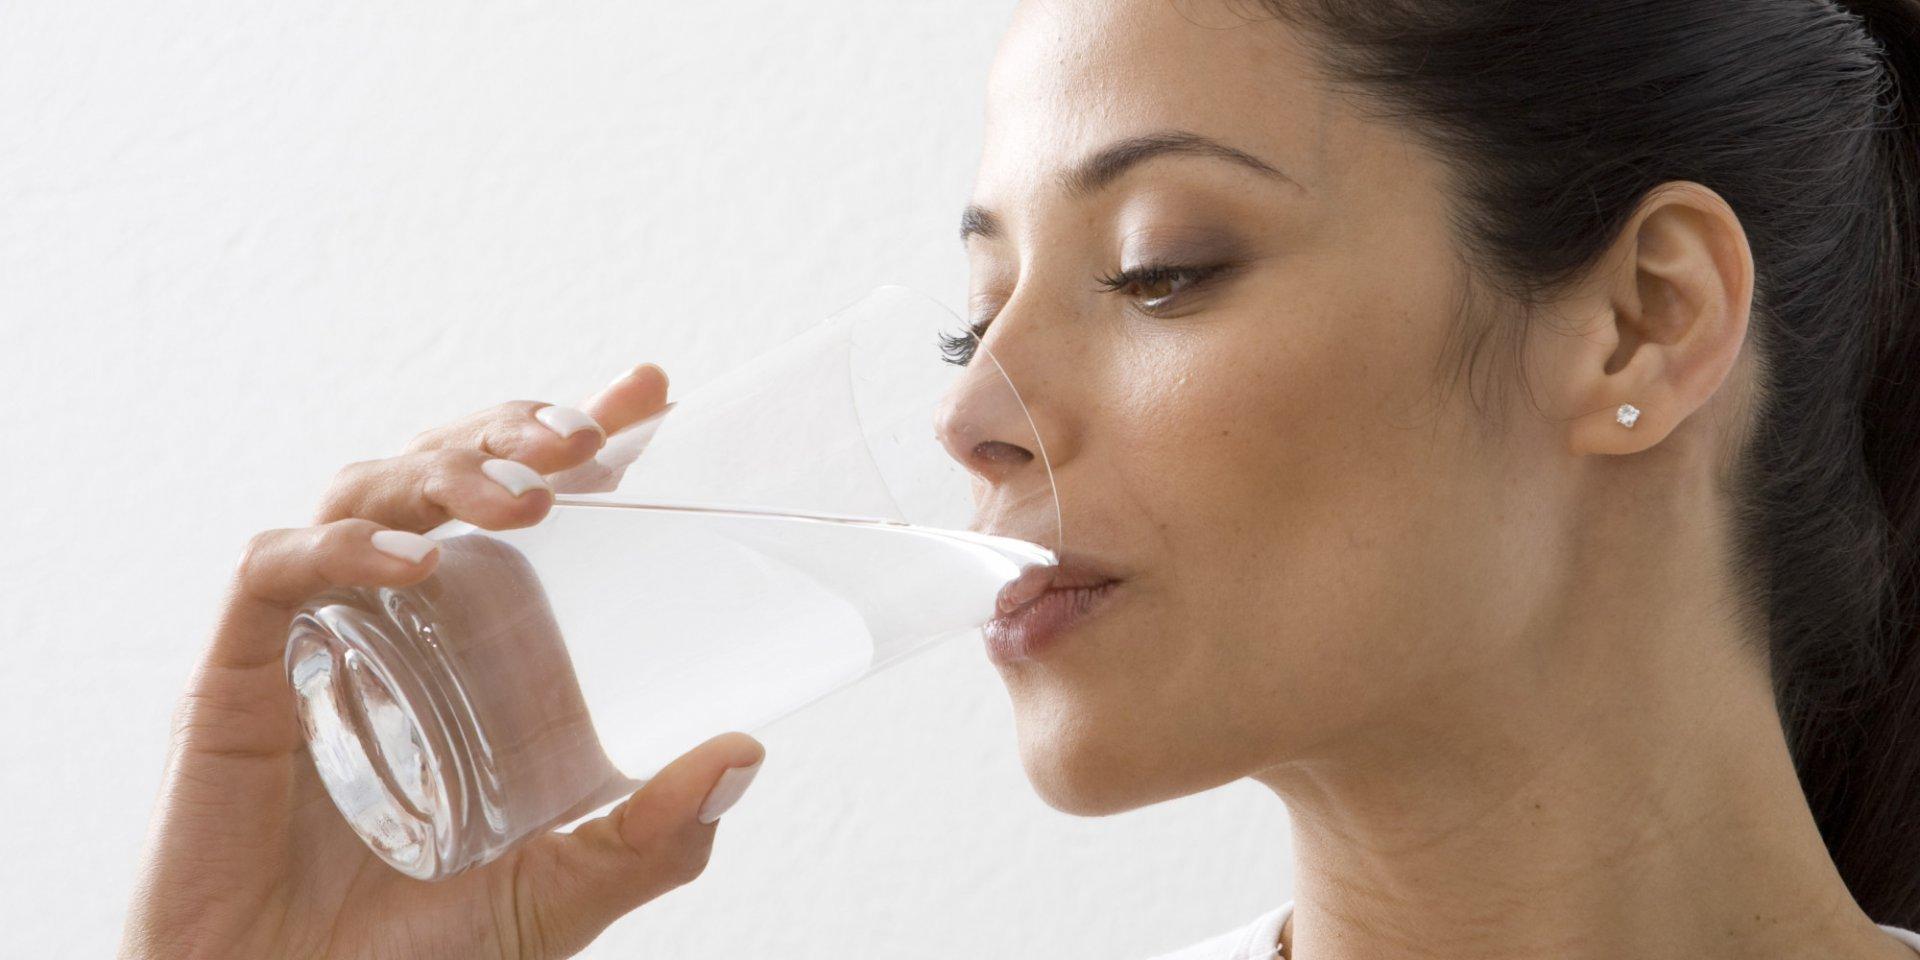 Тест: Арьс шингэний дутагдалд орсон эсэхийг шалгацгаая. Та хангалттай ус ууж байна уу?